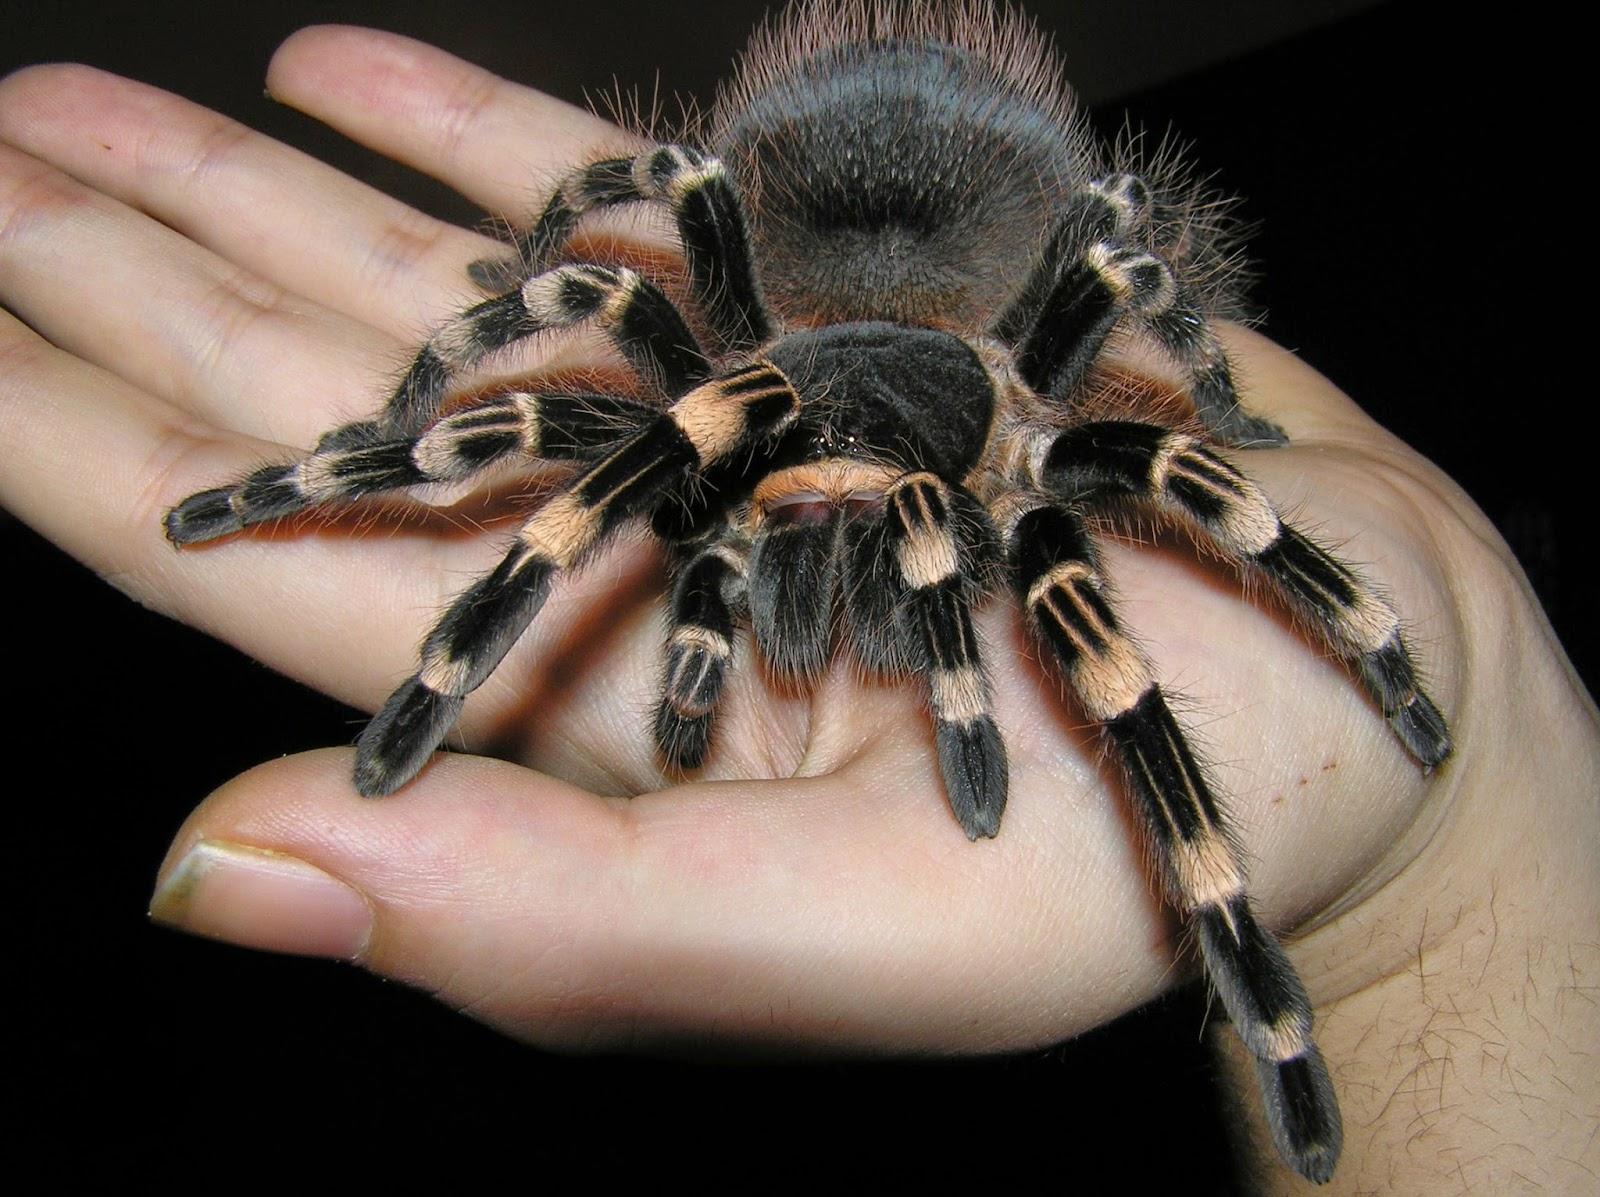 Fotografia enorme araña peluda en una mano